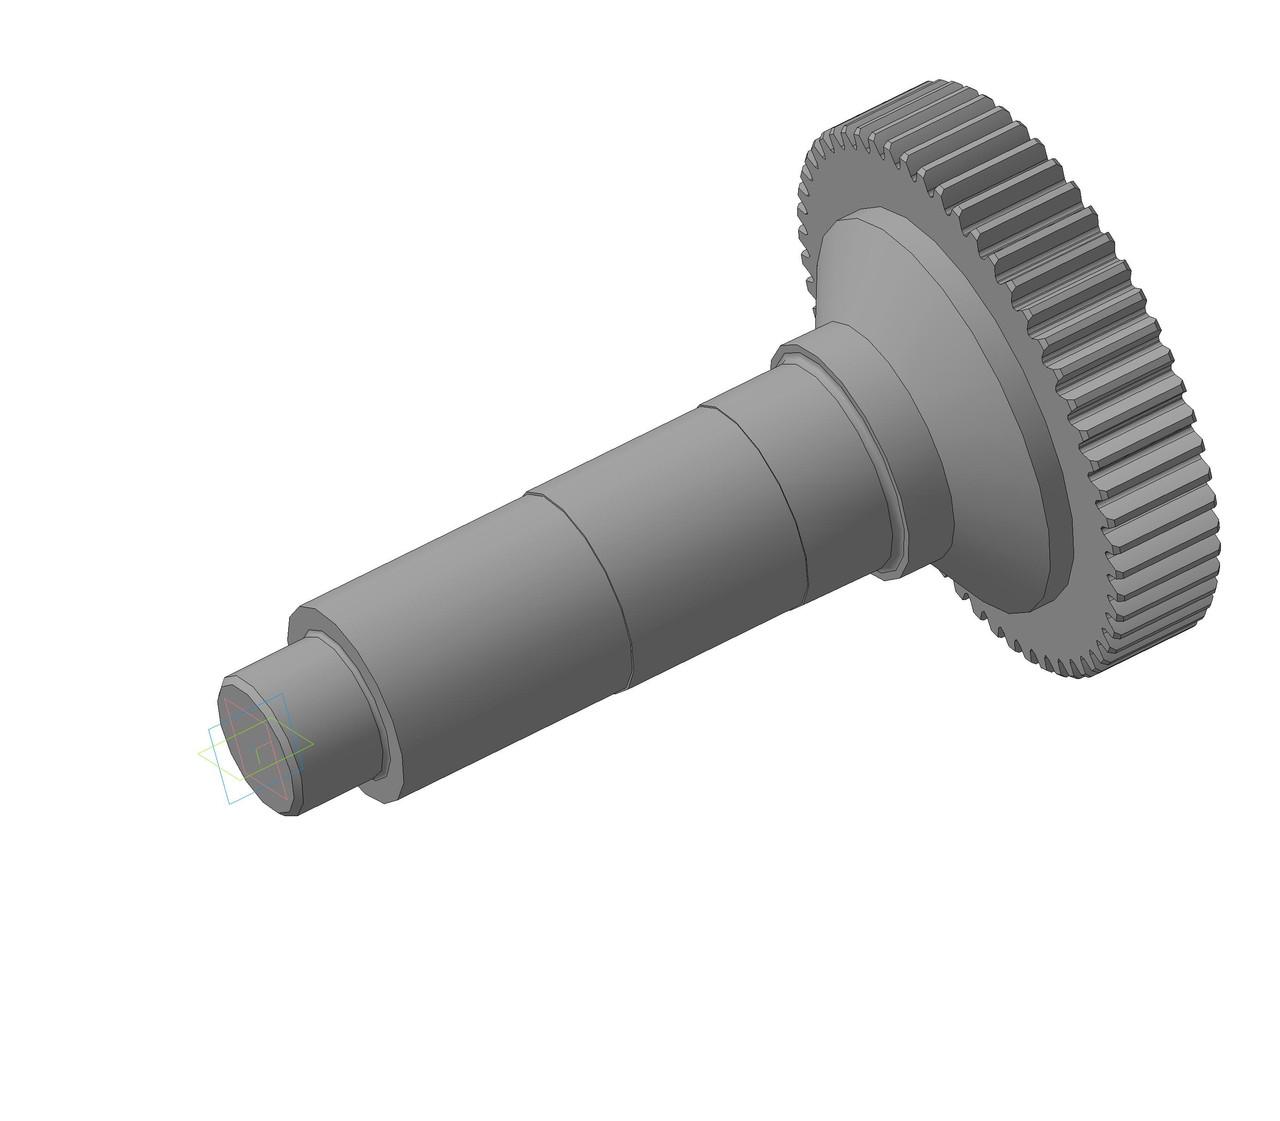 Зубчатая муфта м6 z56 редуктора РМ650